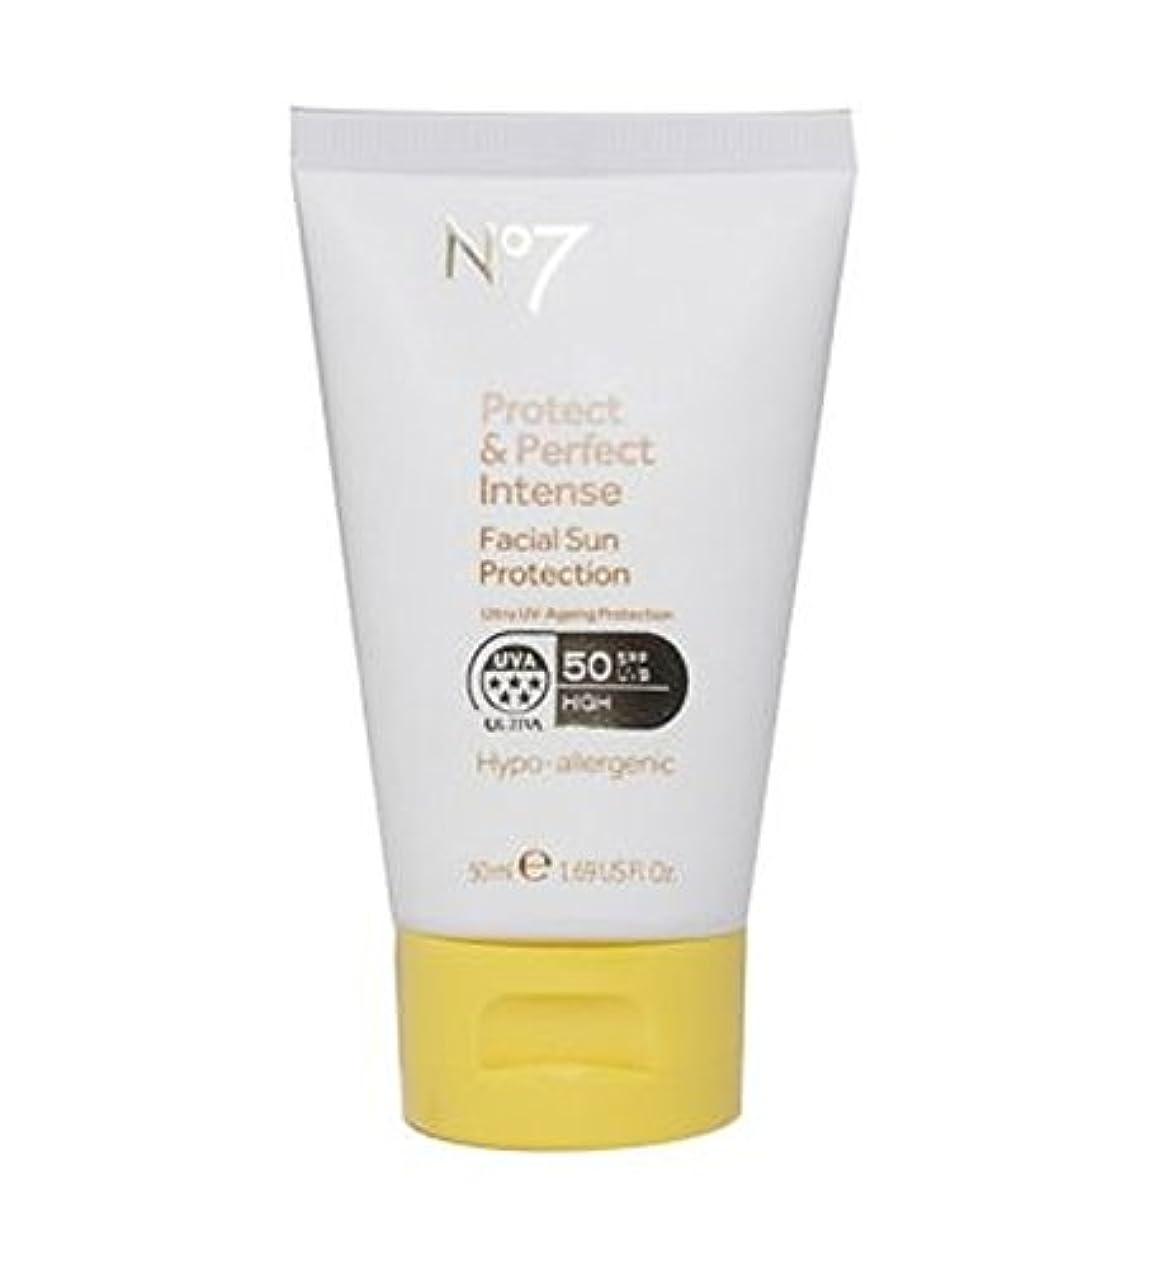 緊張憂慮すべき小麦粉No7保護&完璧な強烈な顔の日焼け防止Spf 50 50ミリリットル (No7) (x2) - No7 Protect & Perfect Intense Facial Sun Protection SPF 50 50ml (Pack of 2) [並行輸入品]